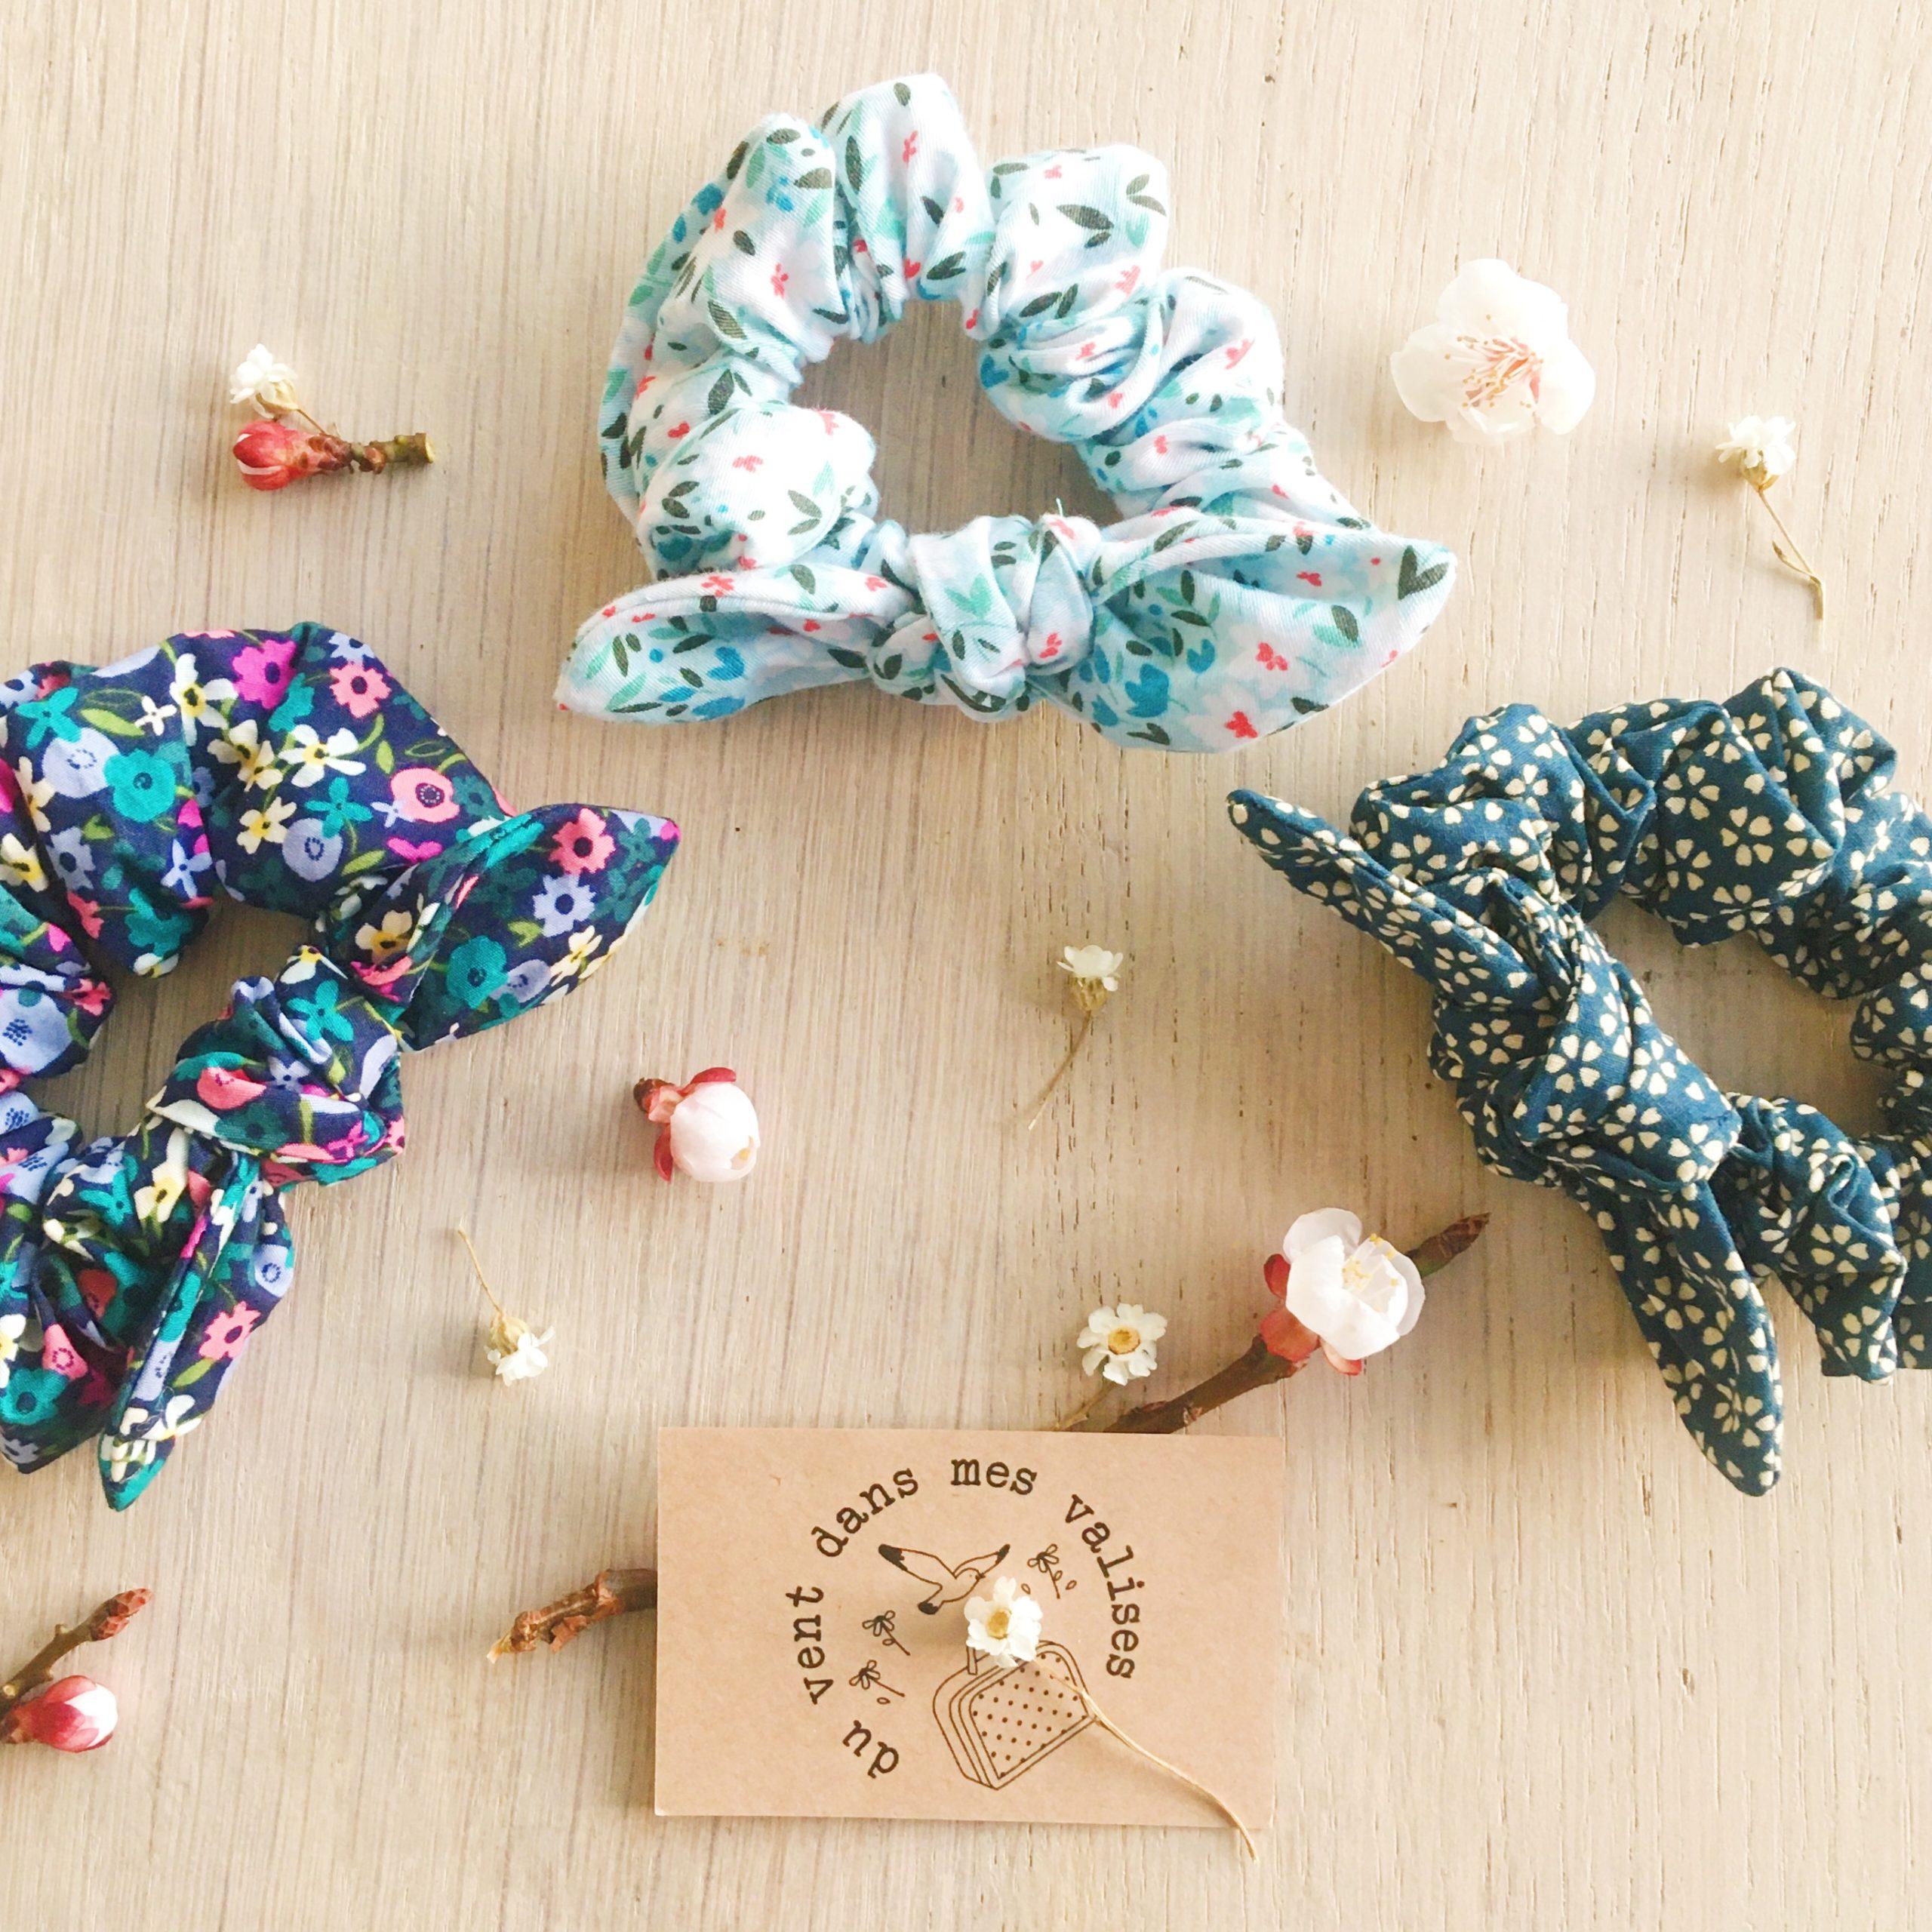 chouchous fleuris femmes made in france - du vent dans mes valises